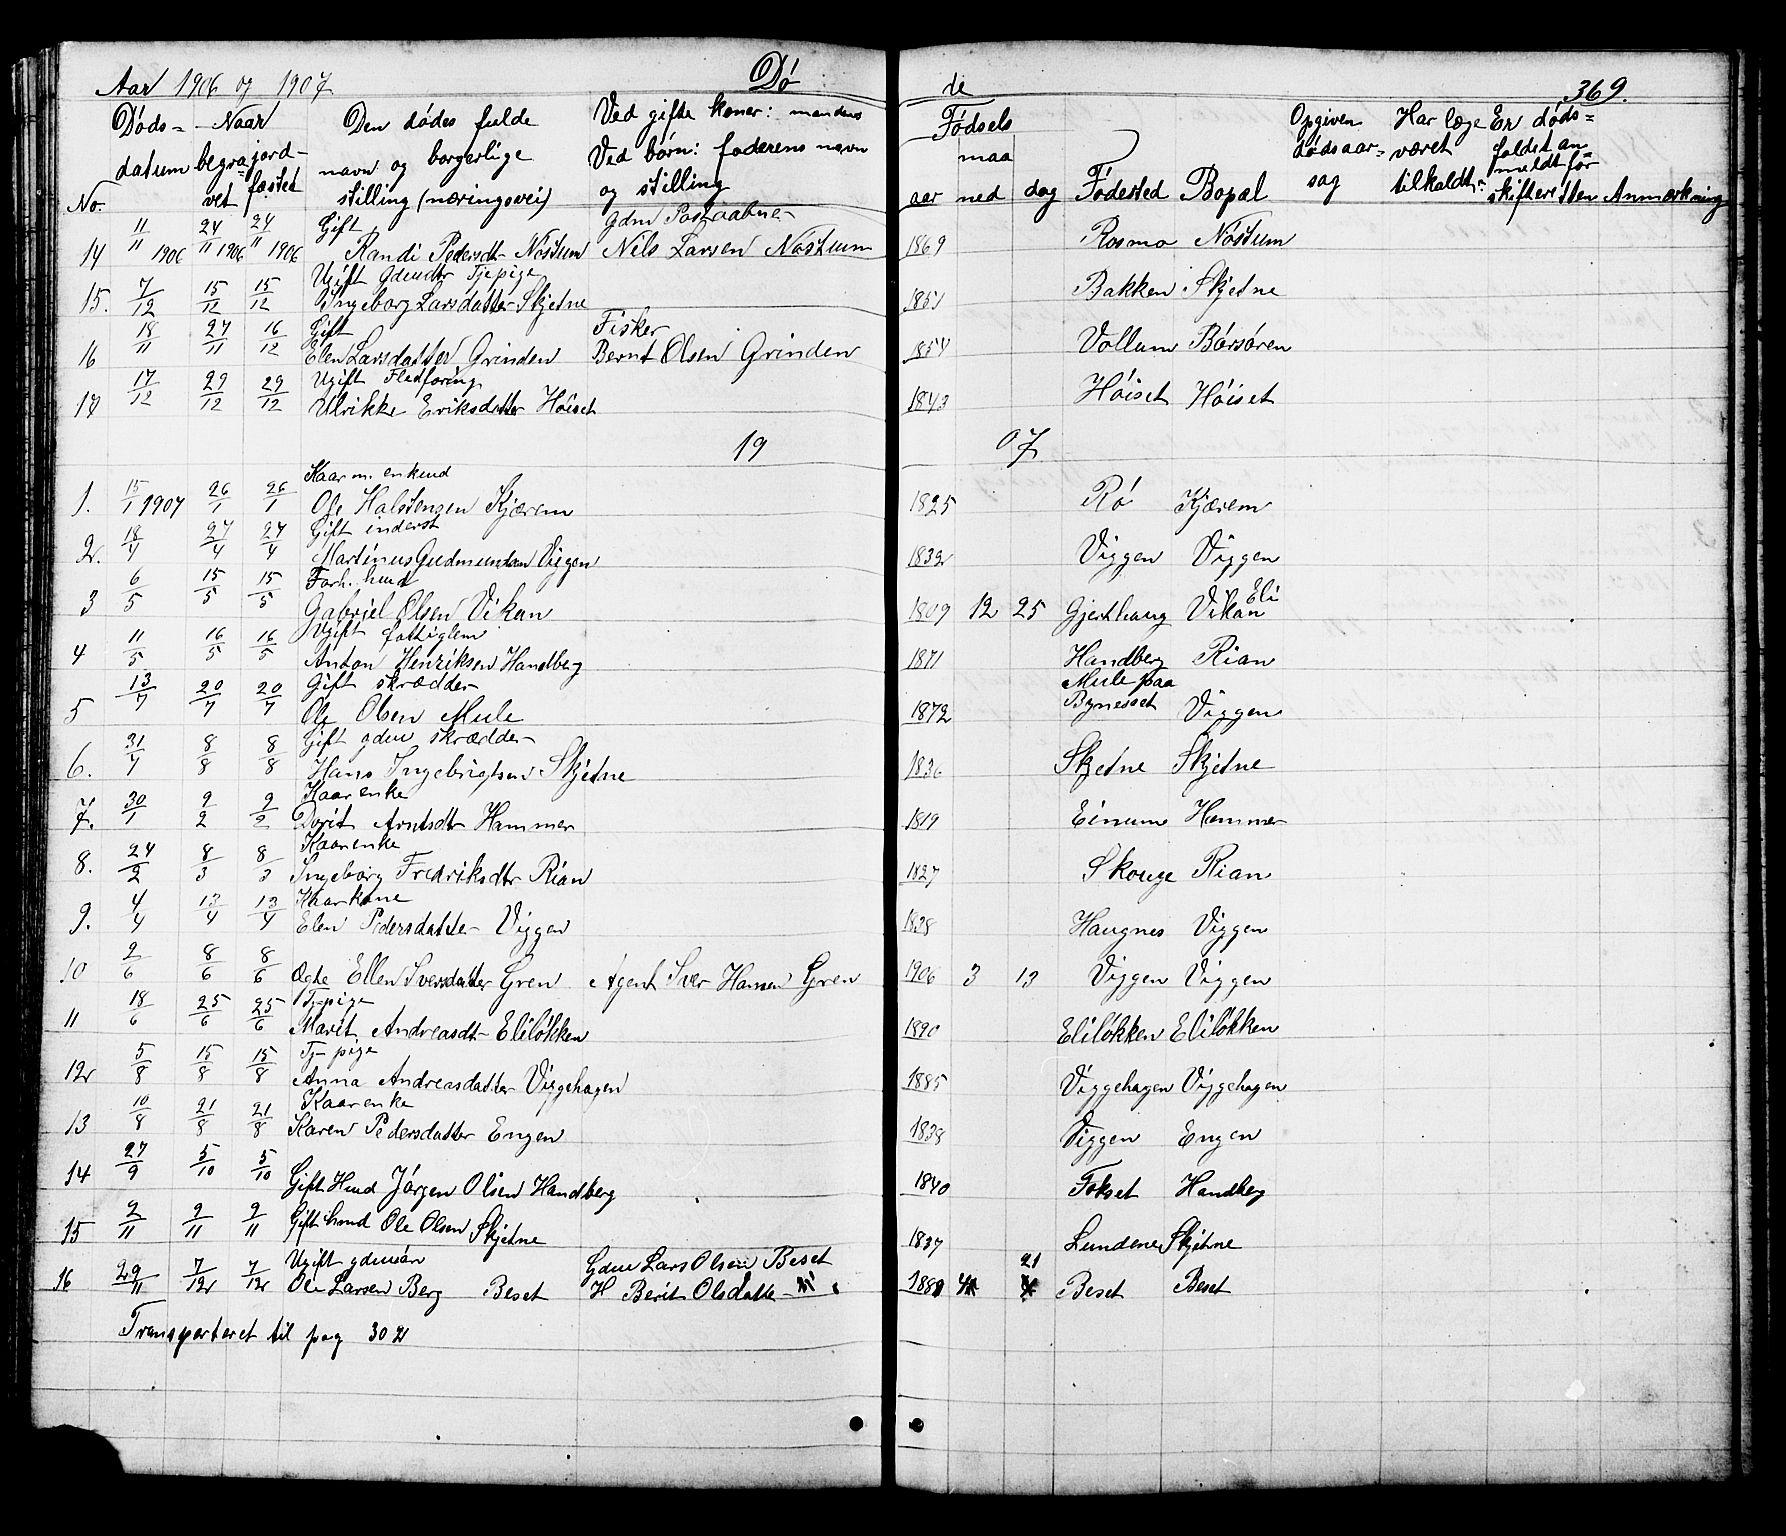 SAT, Ministerialprotokoller, klokkerbøker og fødselsregistre - Sør-Trøndelag, 665/L0777: Klokkerbok nr. 665C02, 1867-1915, s. 369